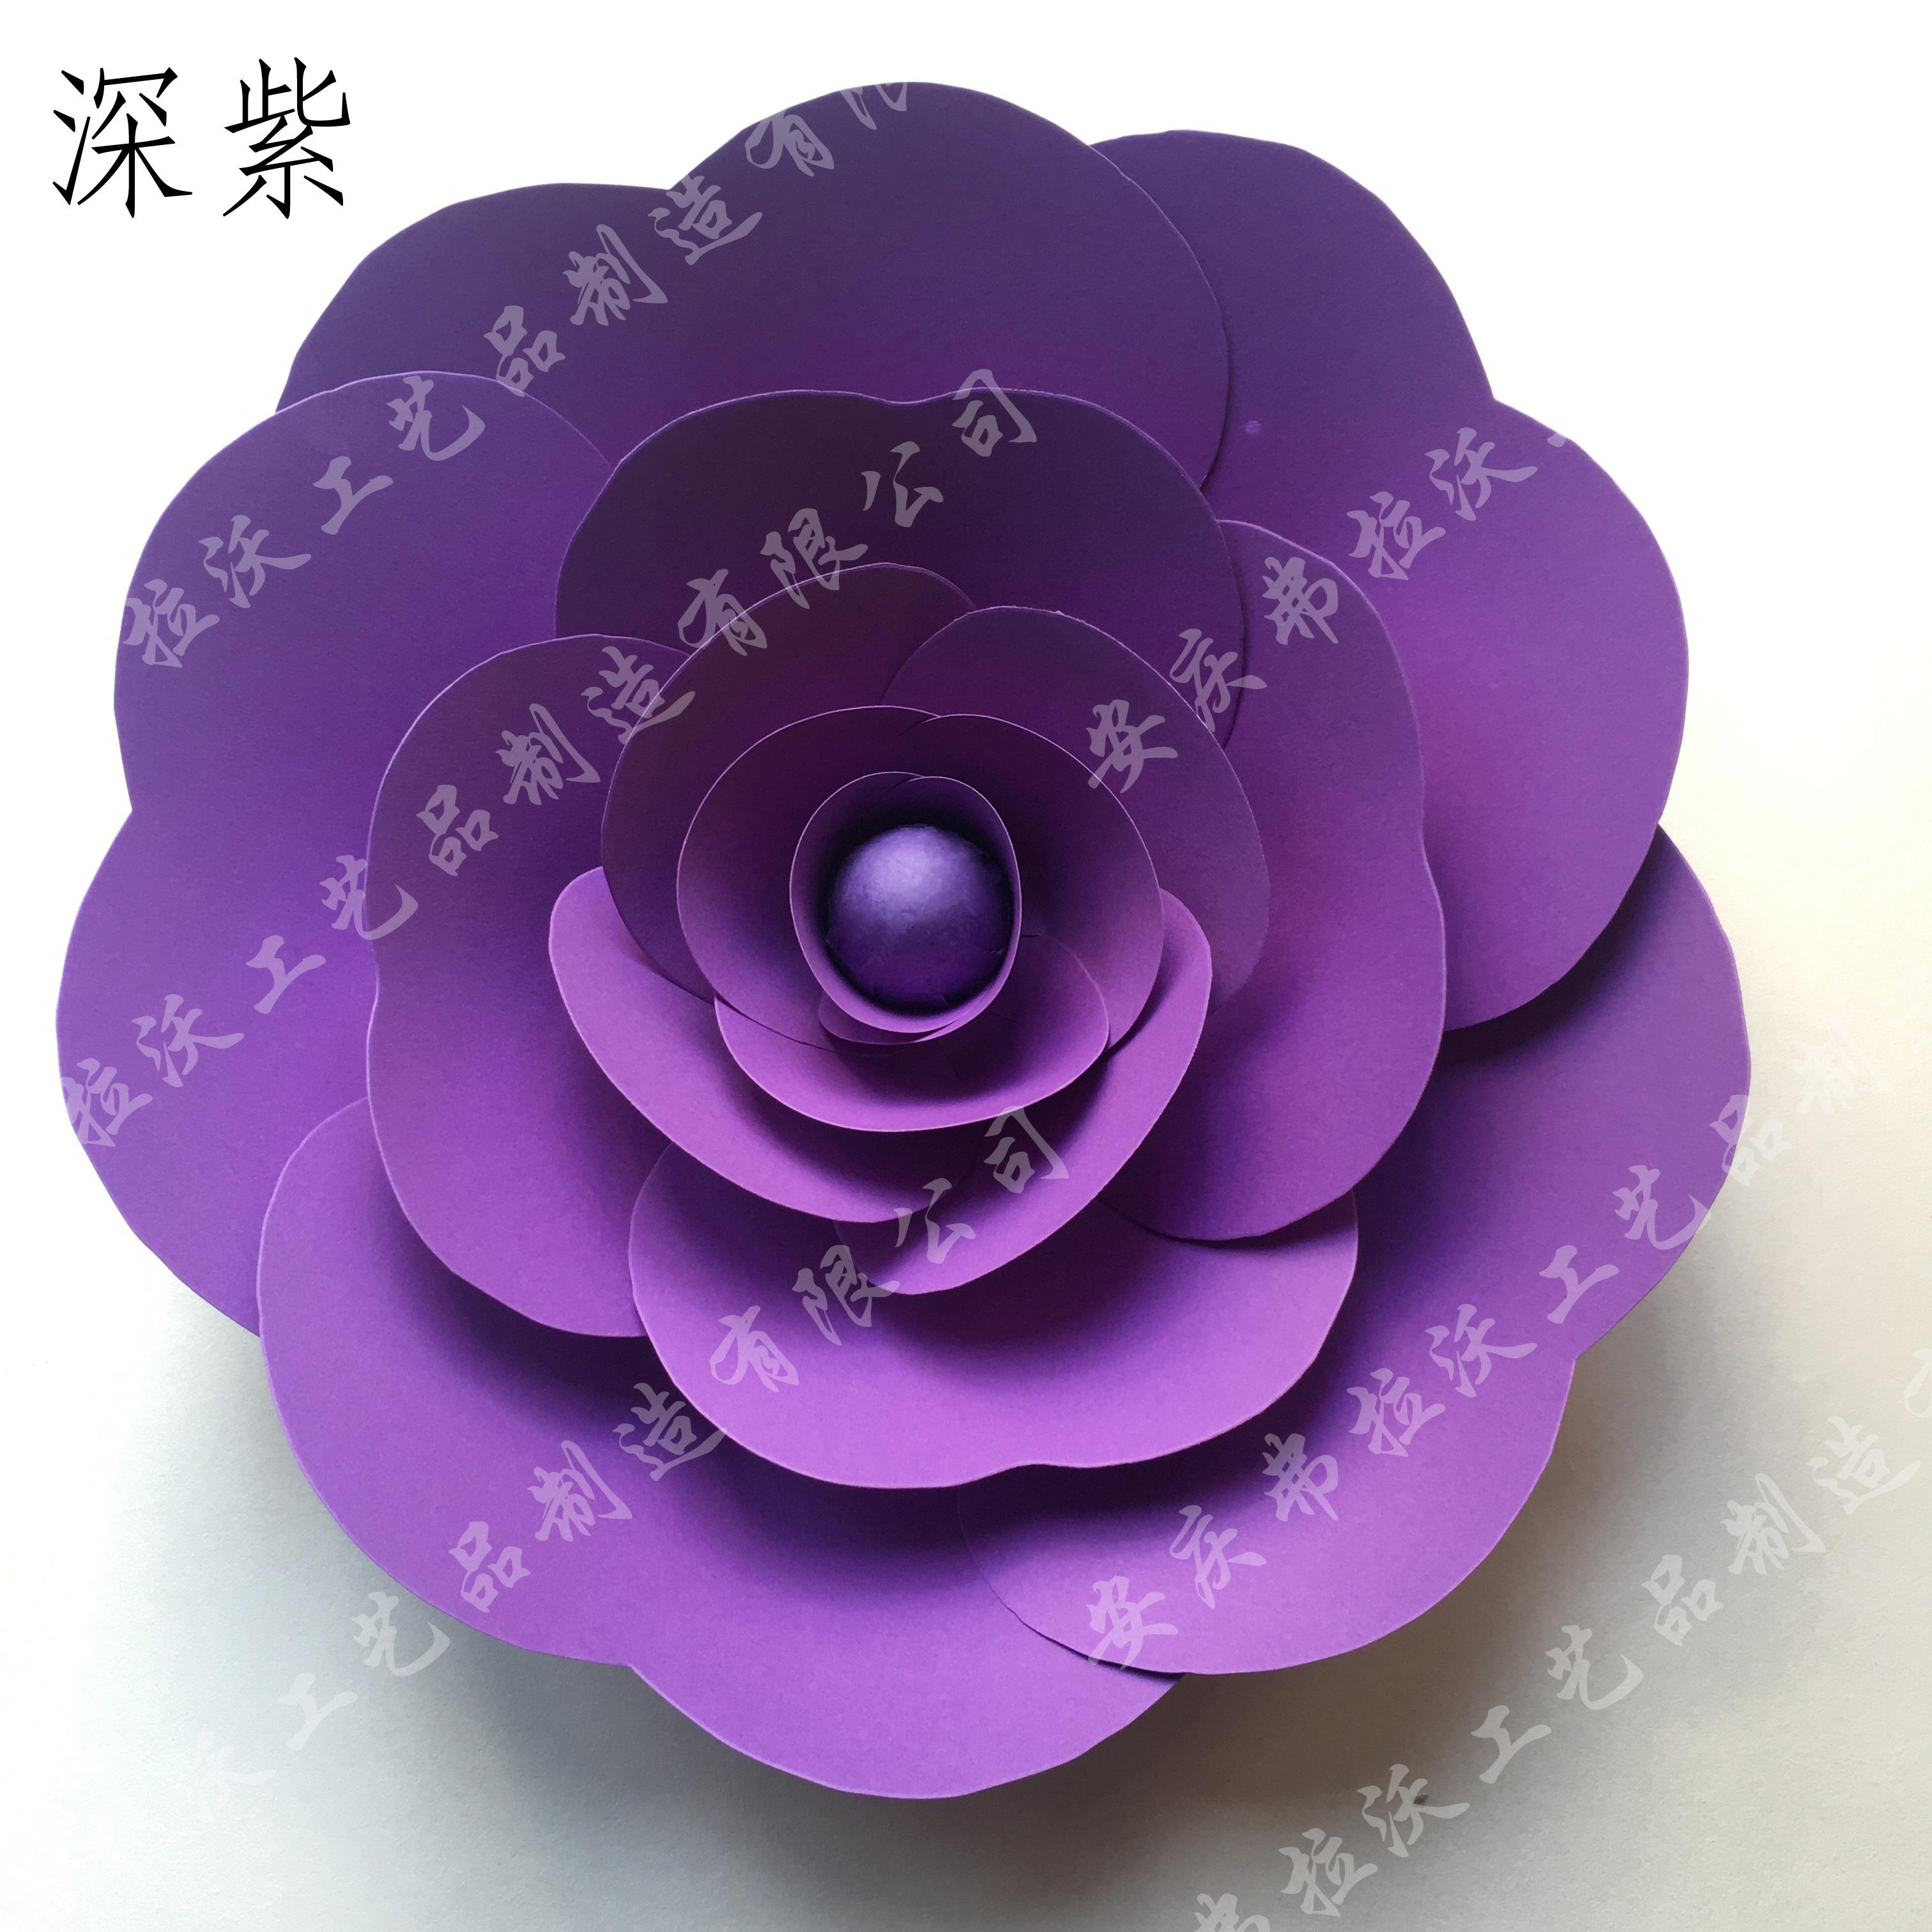 > 大型纸花商场橱窗纸花背景布置装饰纸玫瑰花图片